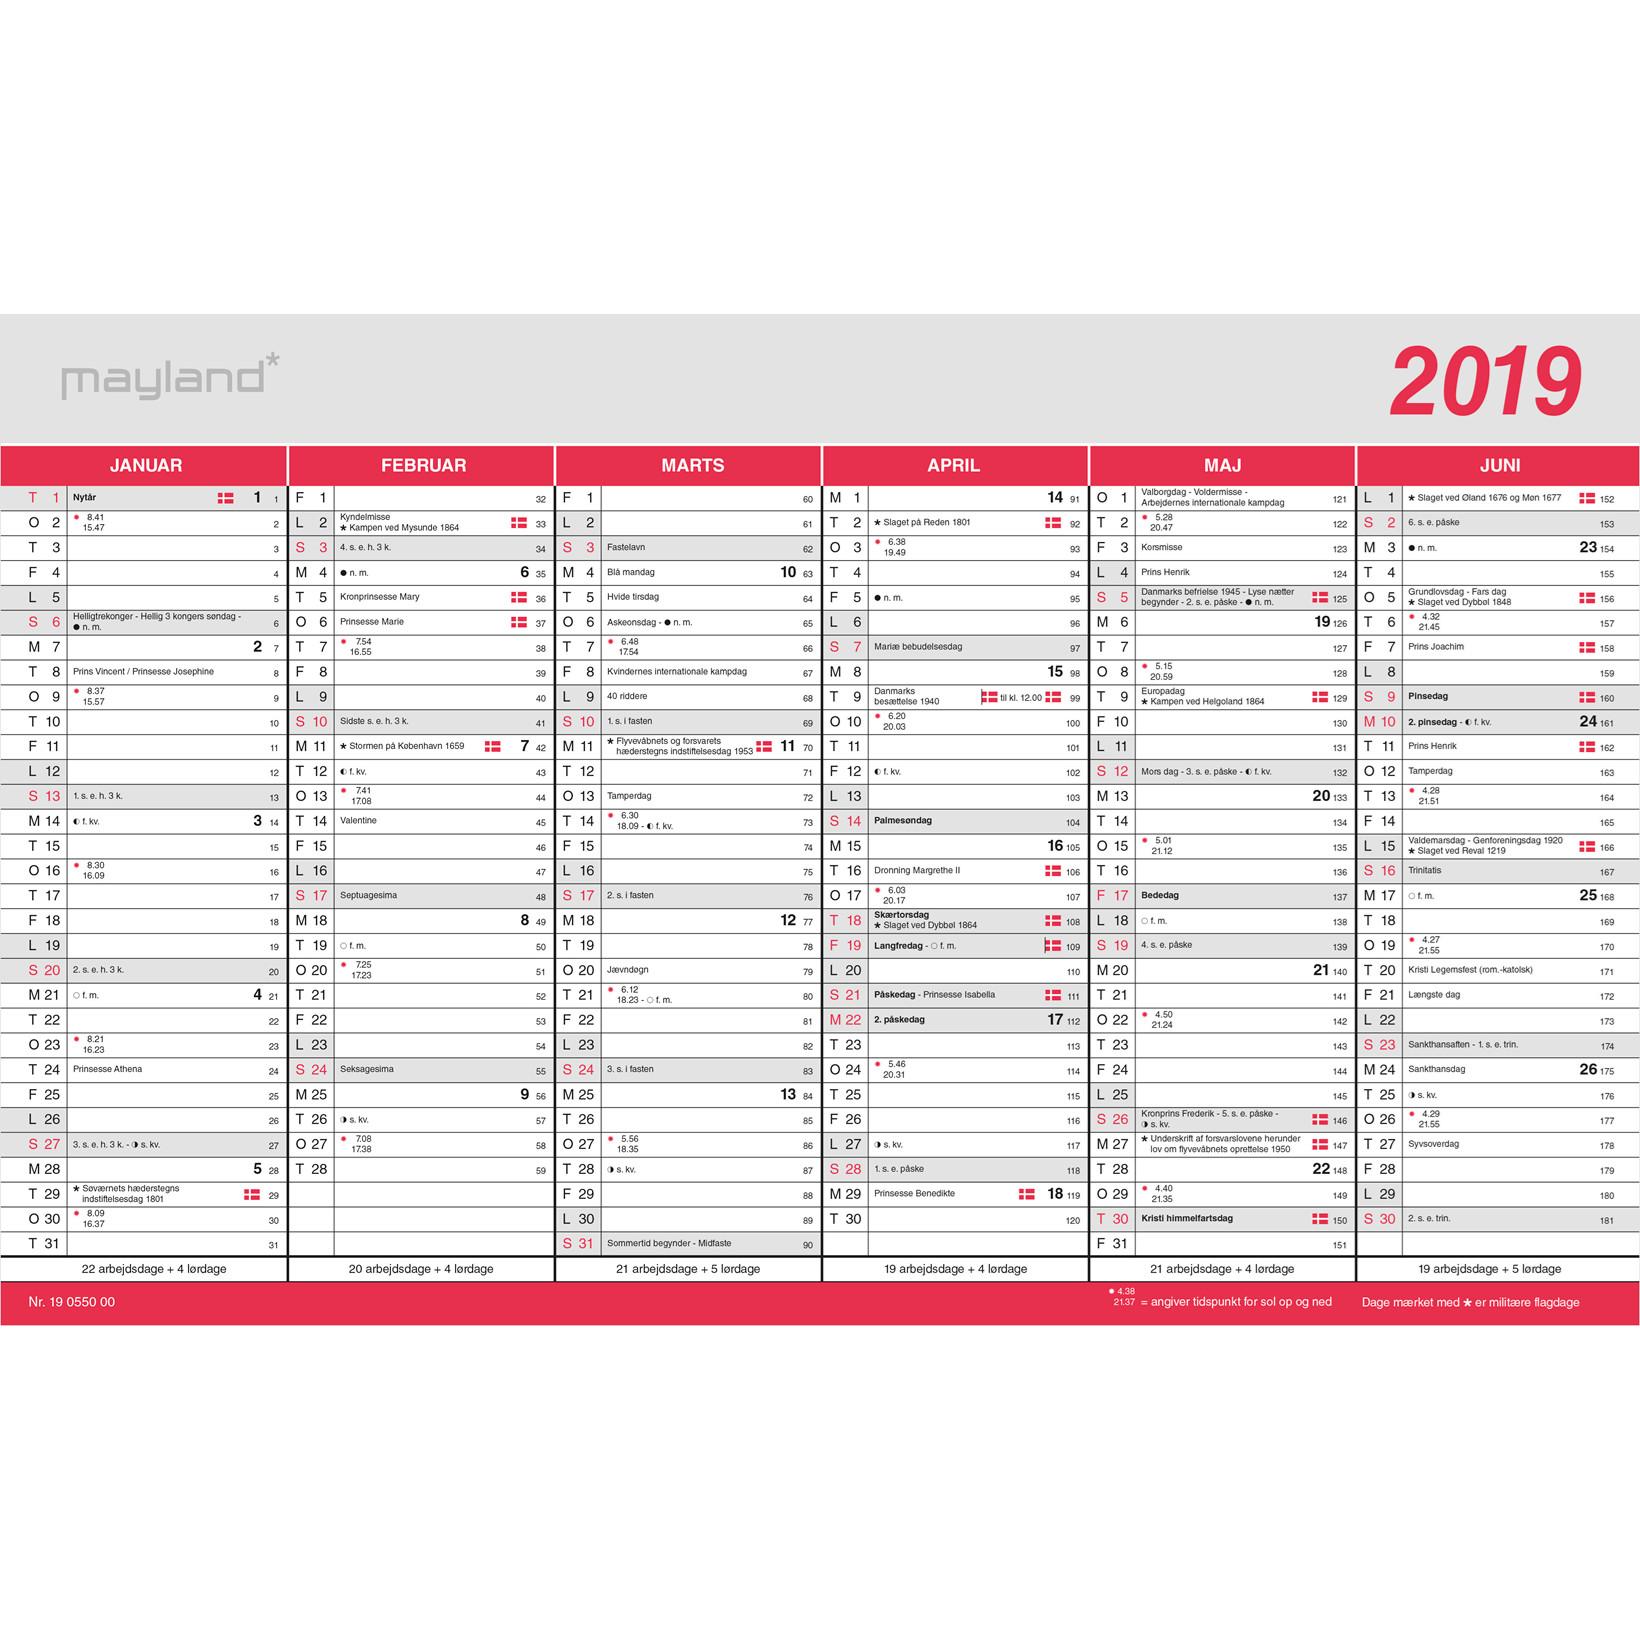 Flagkalender 2019 stor Mayland 39 x 24 cm - 19055000